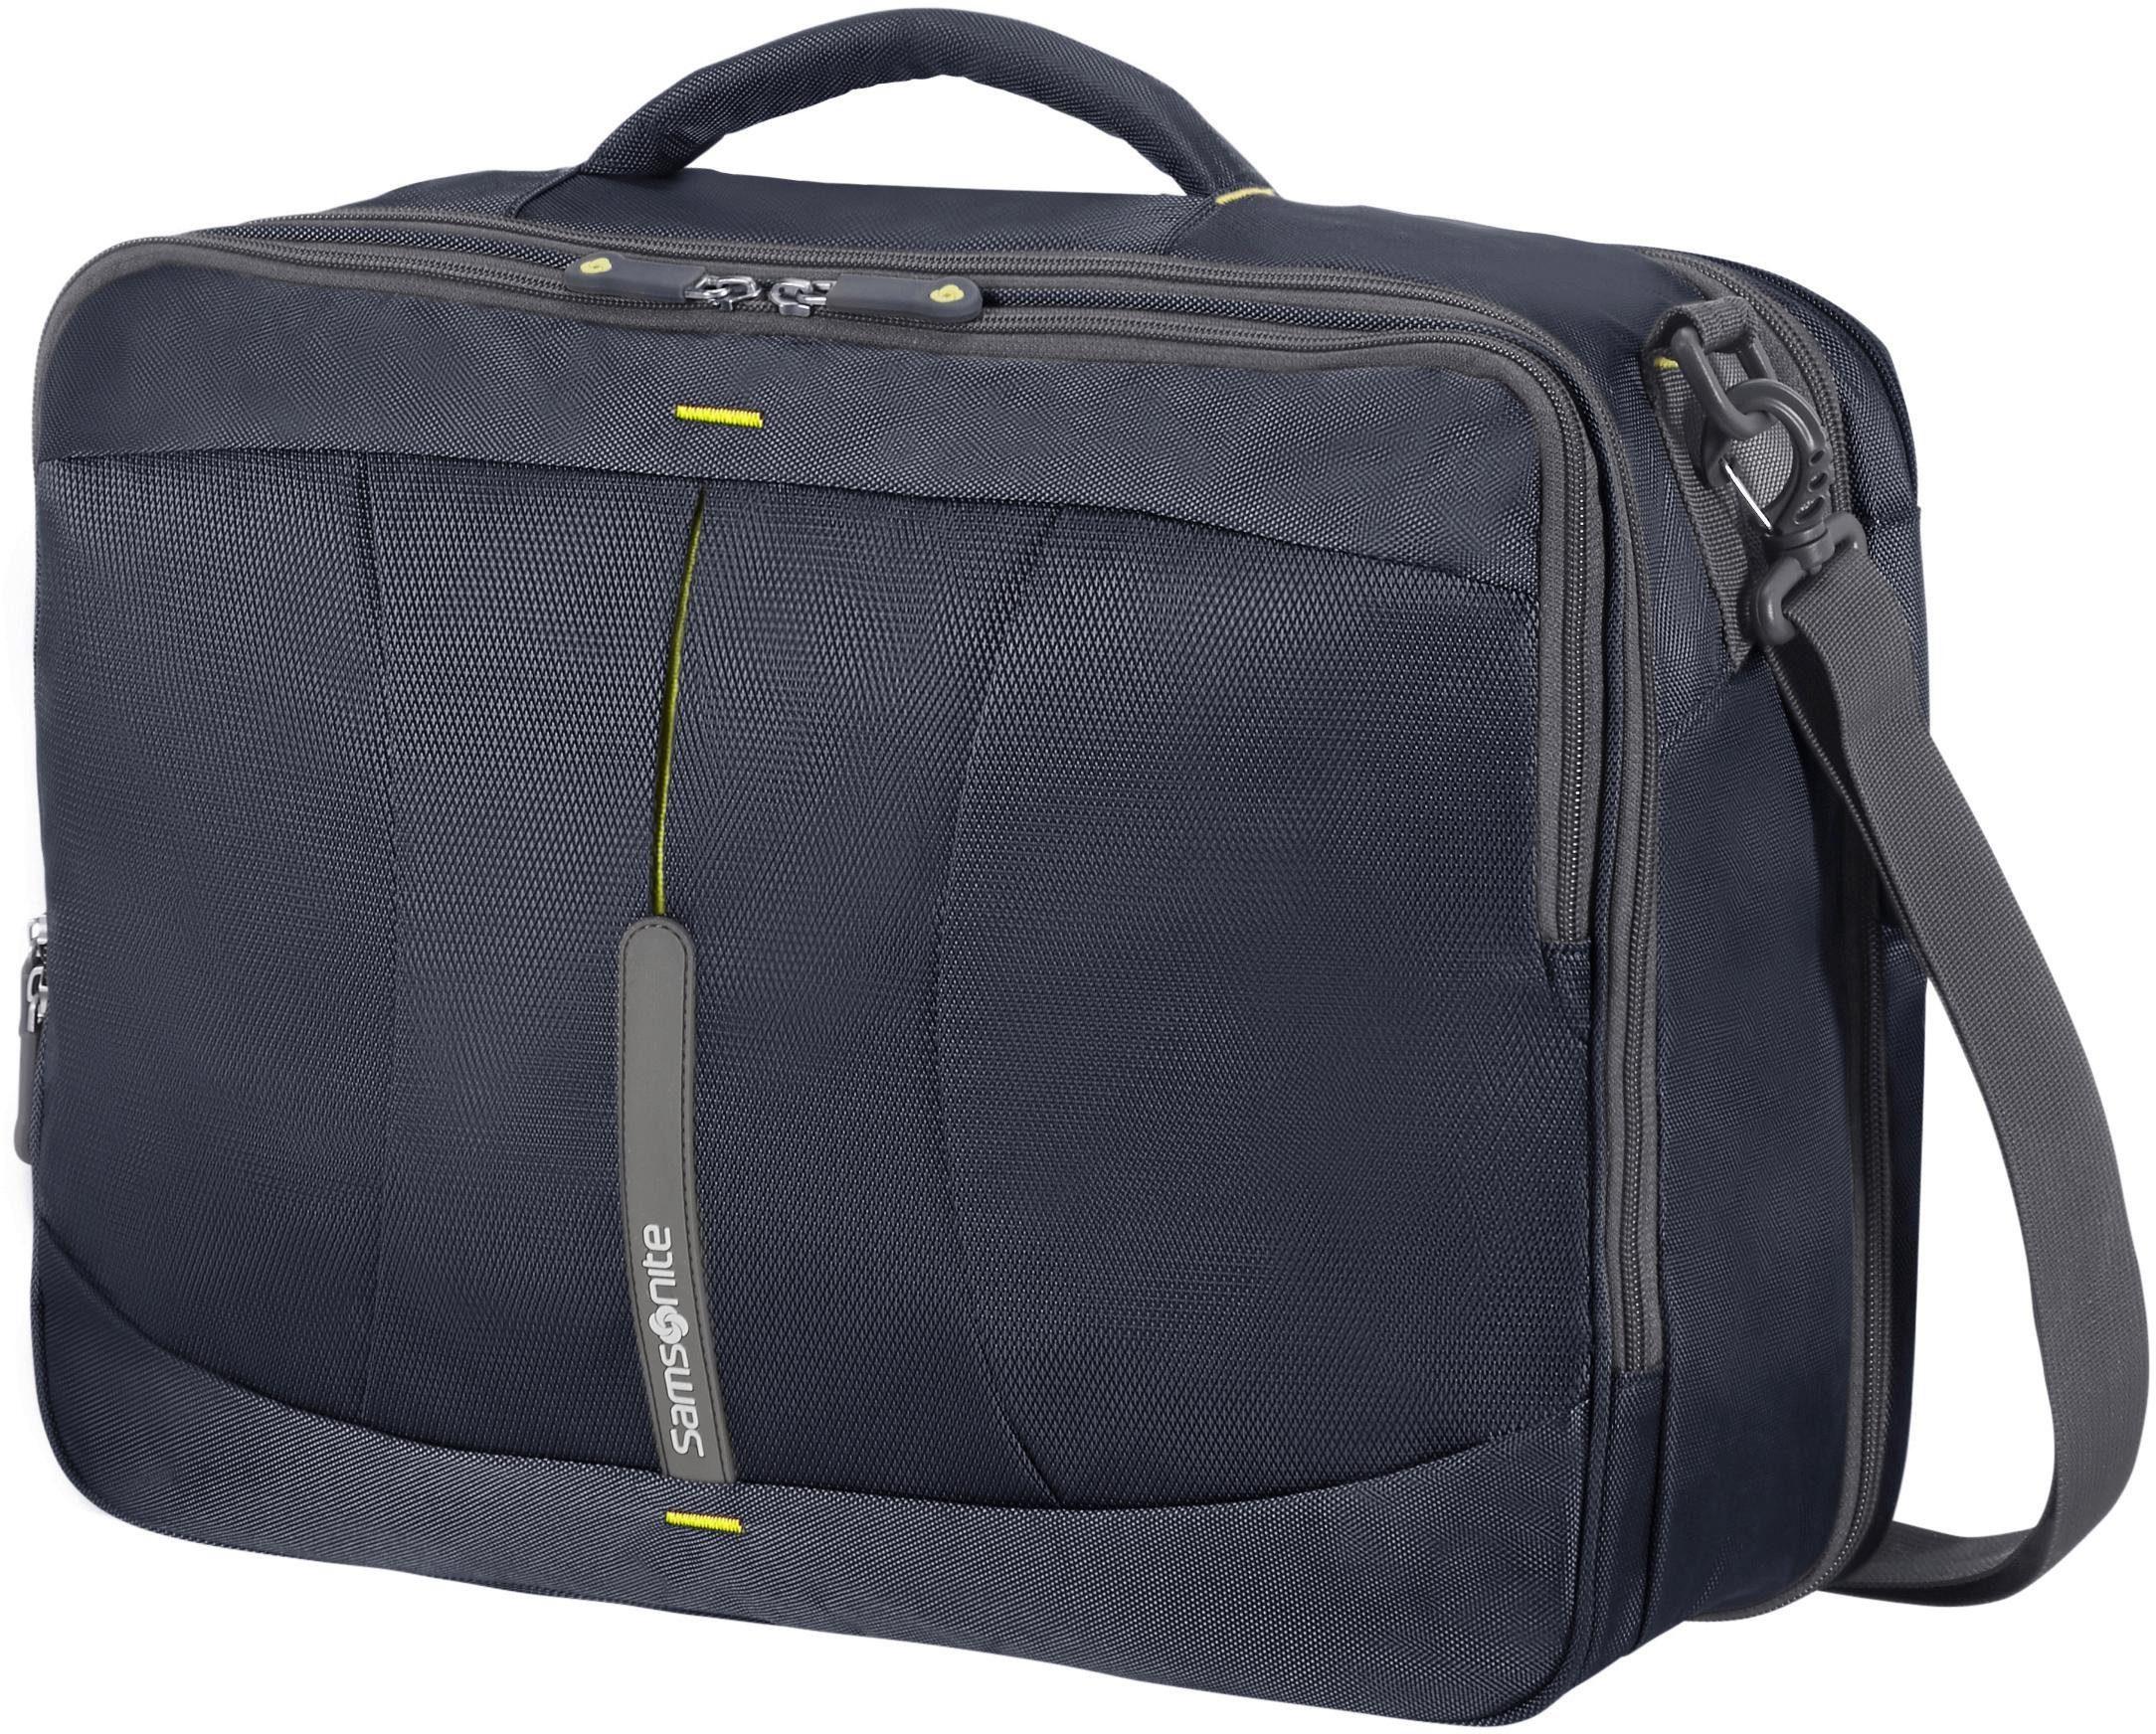 Samsonite Businesstasche mit Rucksackfunktion und 16-Zoll Laptopfach, »4Mation«